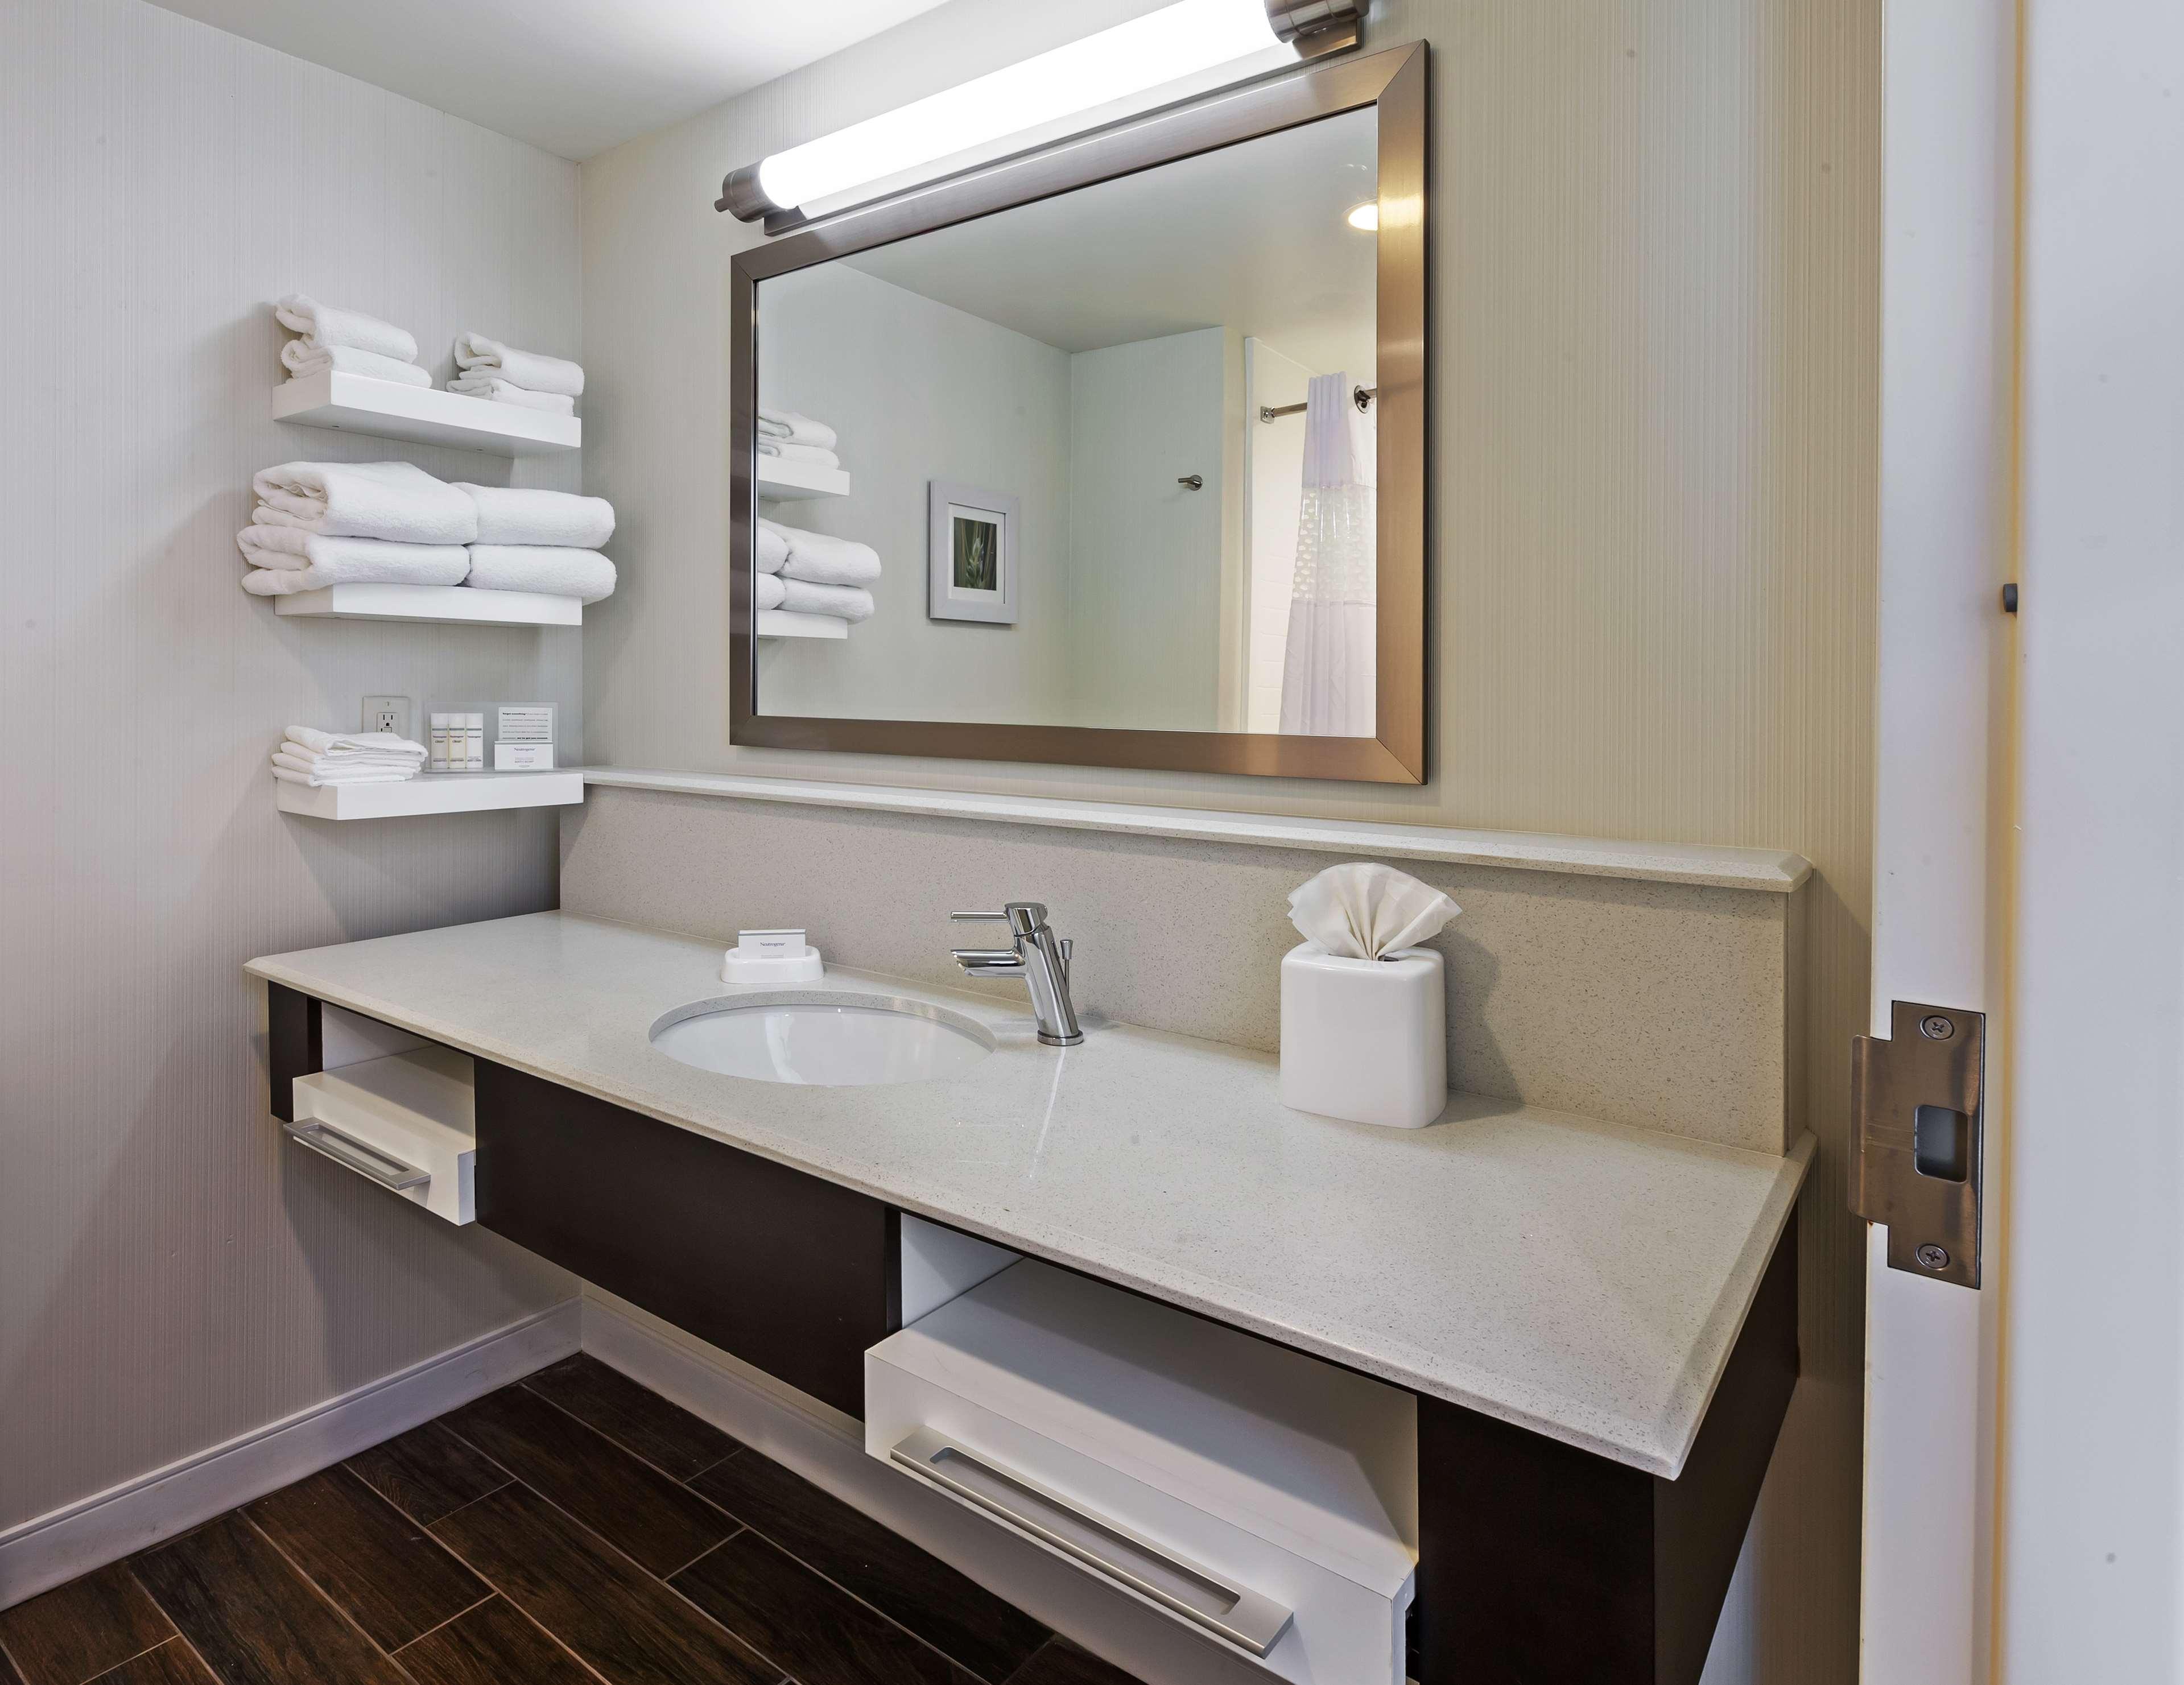 Hampton Inn & Suites Claremore image 29